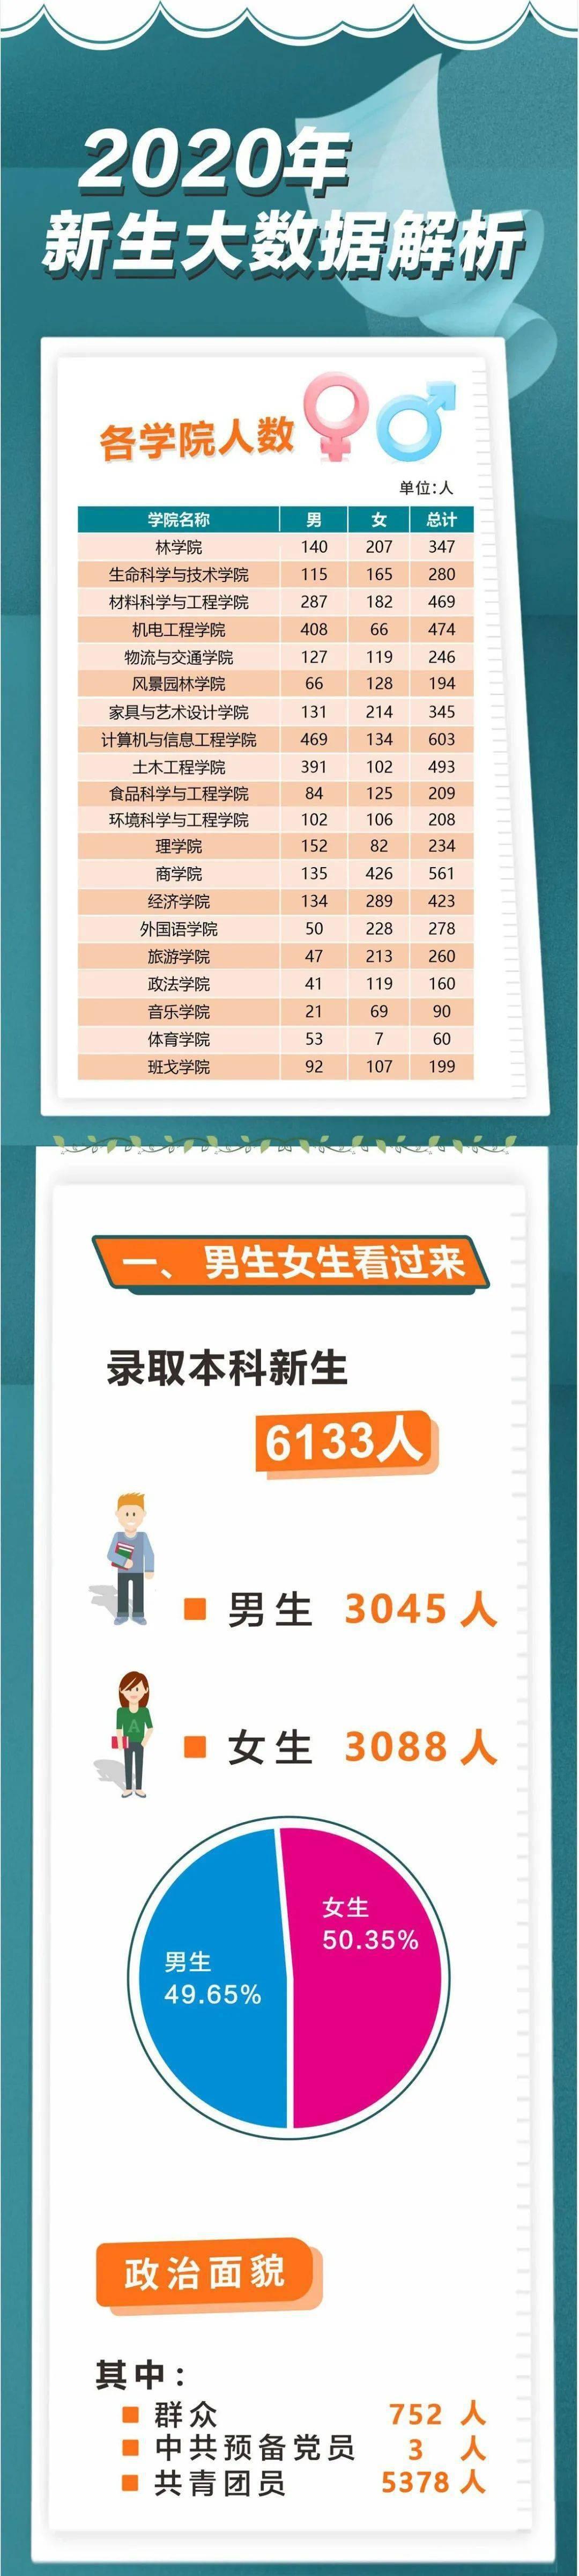 中南林业科技大学2020级本科新生大数据解析